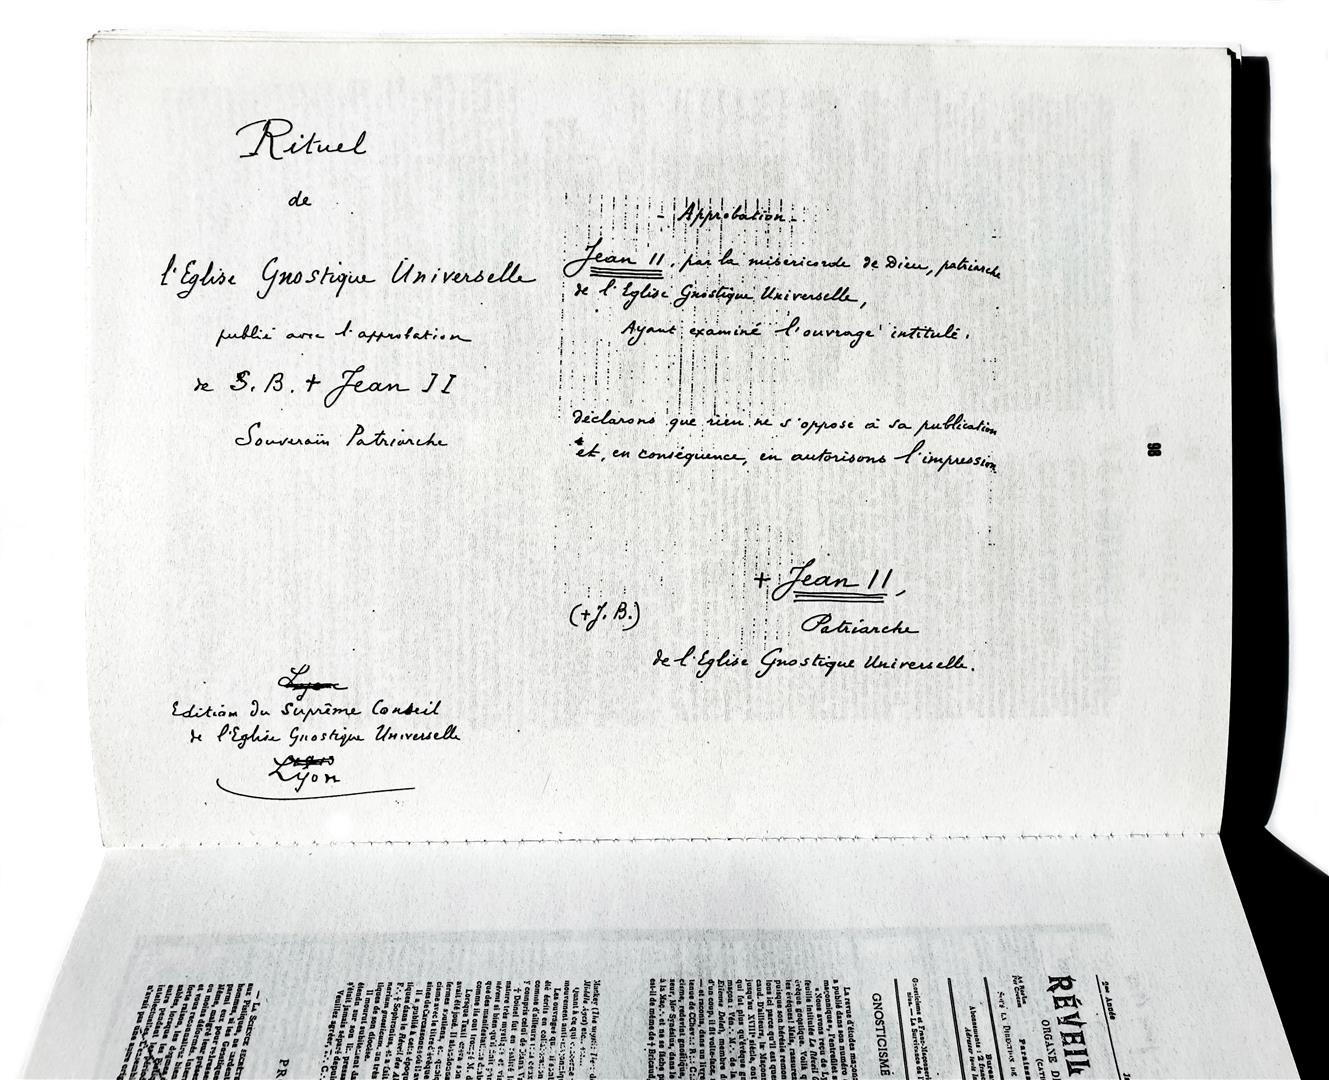 Jean Johannès Bricaud L'Église Gnostique Universelle